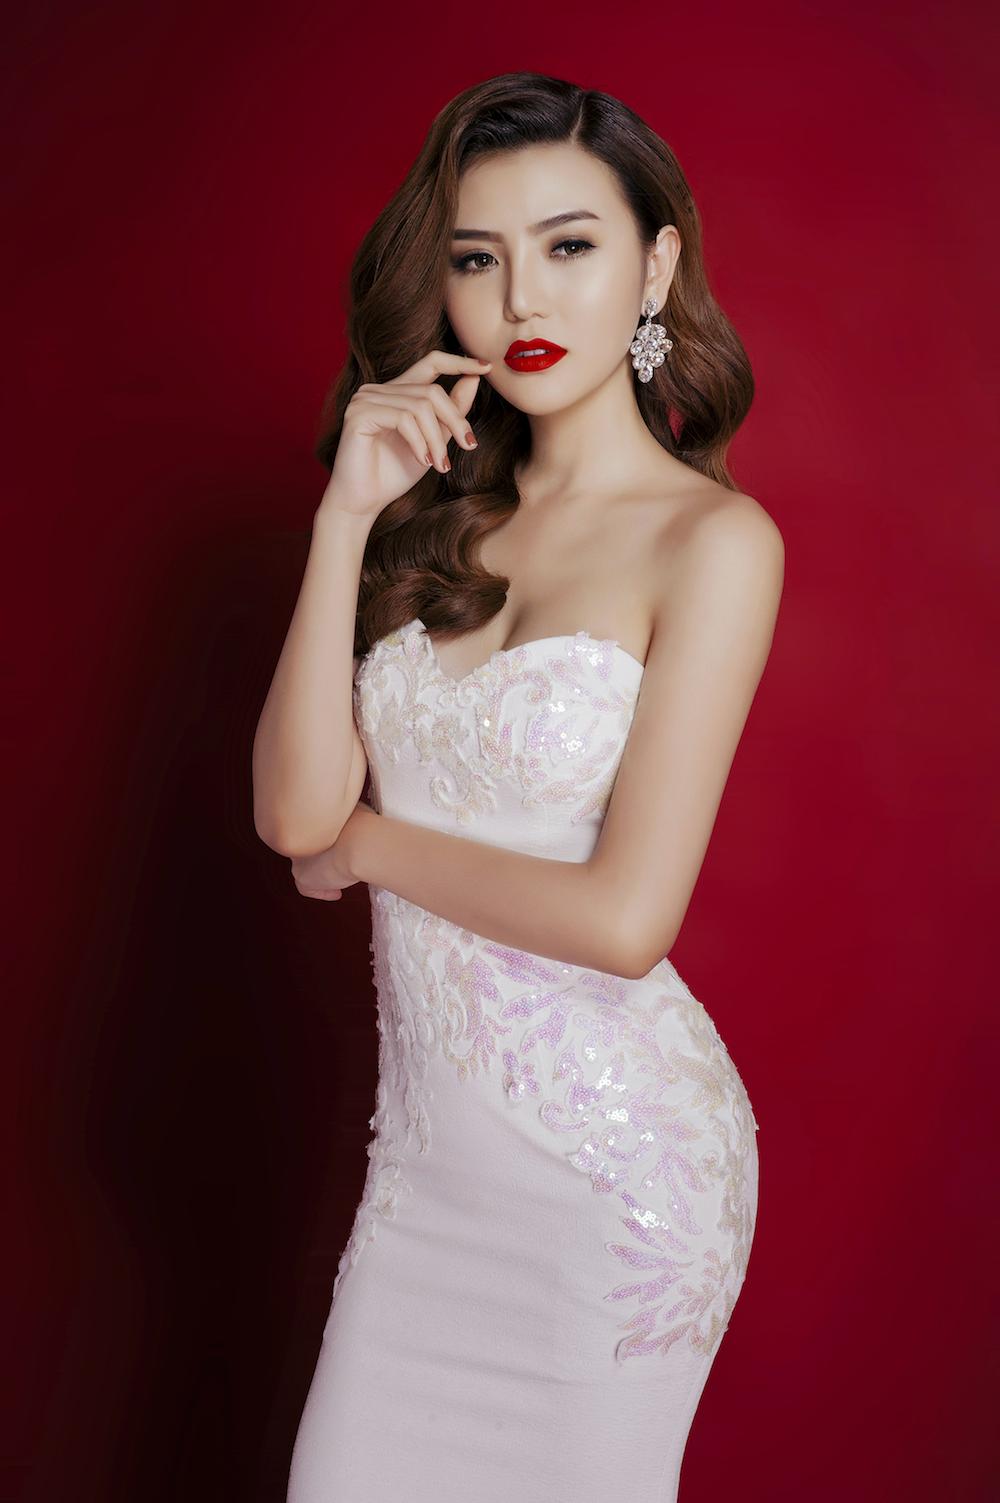 Với sự đầu tư chăm chút và kỹ lưỡng cho từng bộ trang phục, Ngọc Duyên mong muốn giới thiệu một hình ảnh đại diện Việt Nam rạng rỡ và chỉnh chu nhất tại Miss Global Beauty Queen 2016.